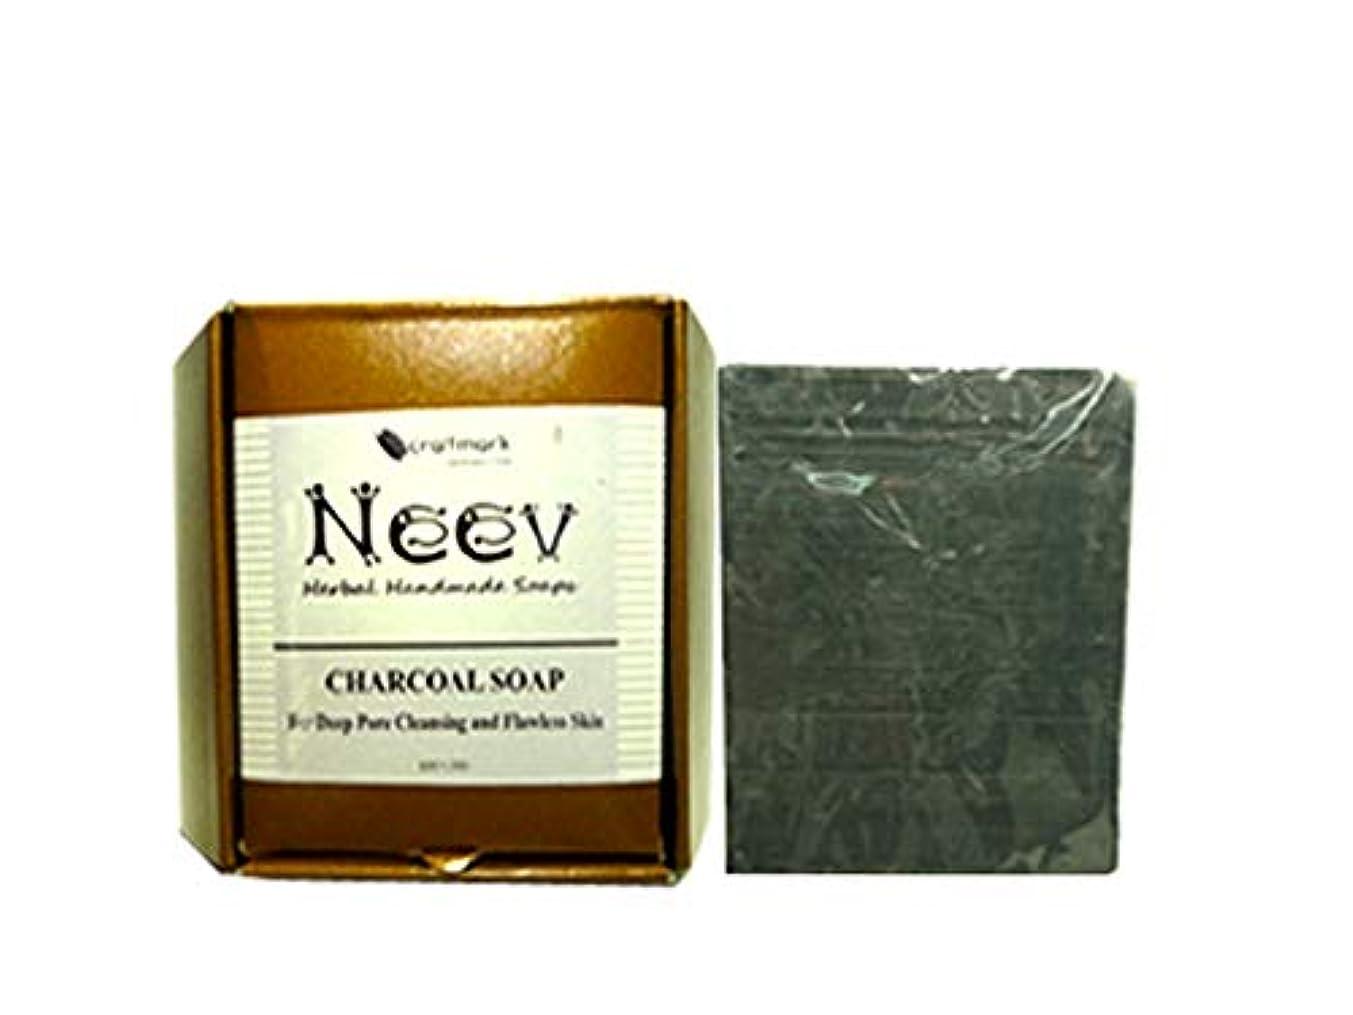 縁隣接ファシズム手作り アーユルヴェーダ ニーブ チャコール ソープ(炭石鹸)100g NEEV CHARCOAL SOAP